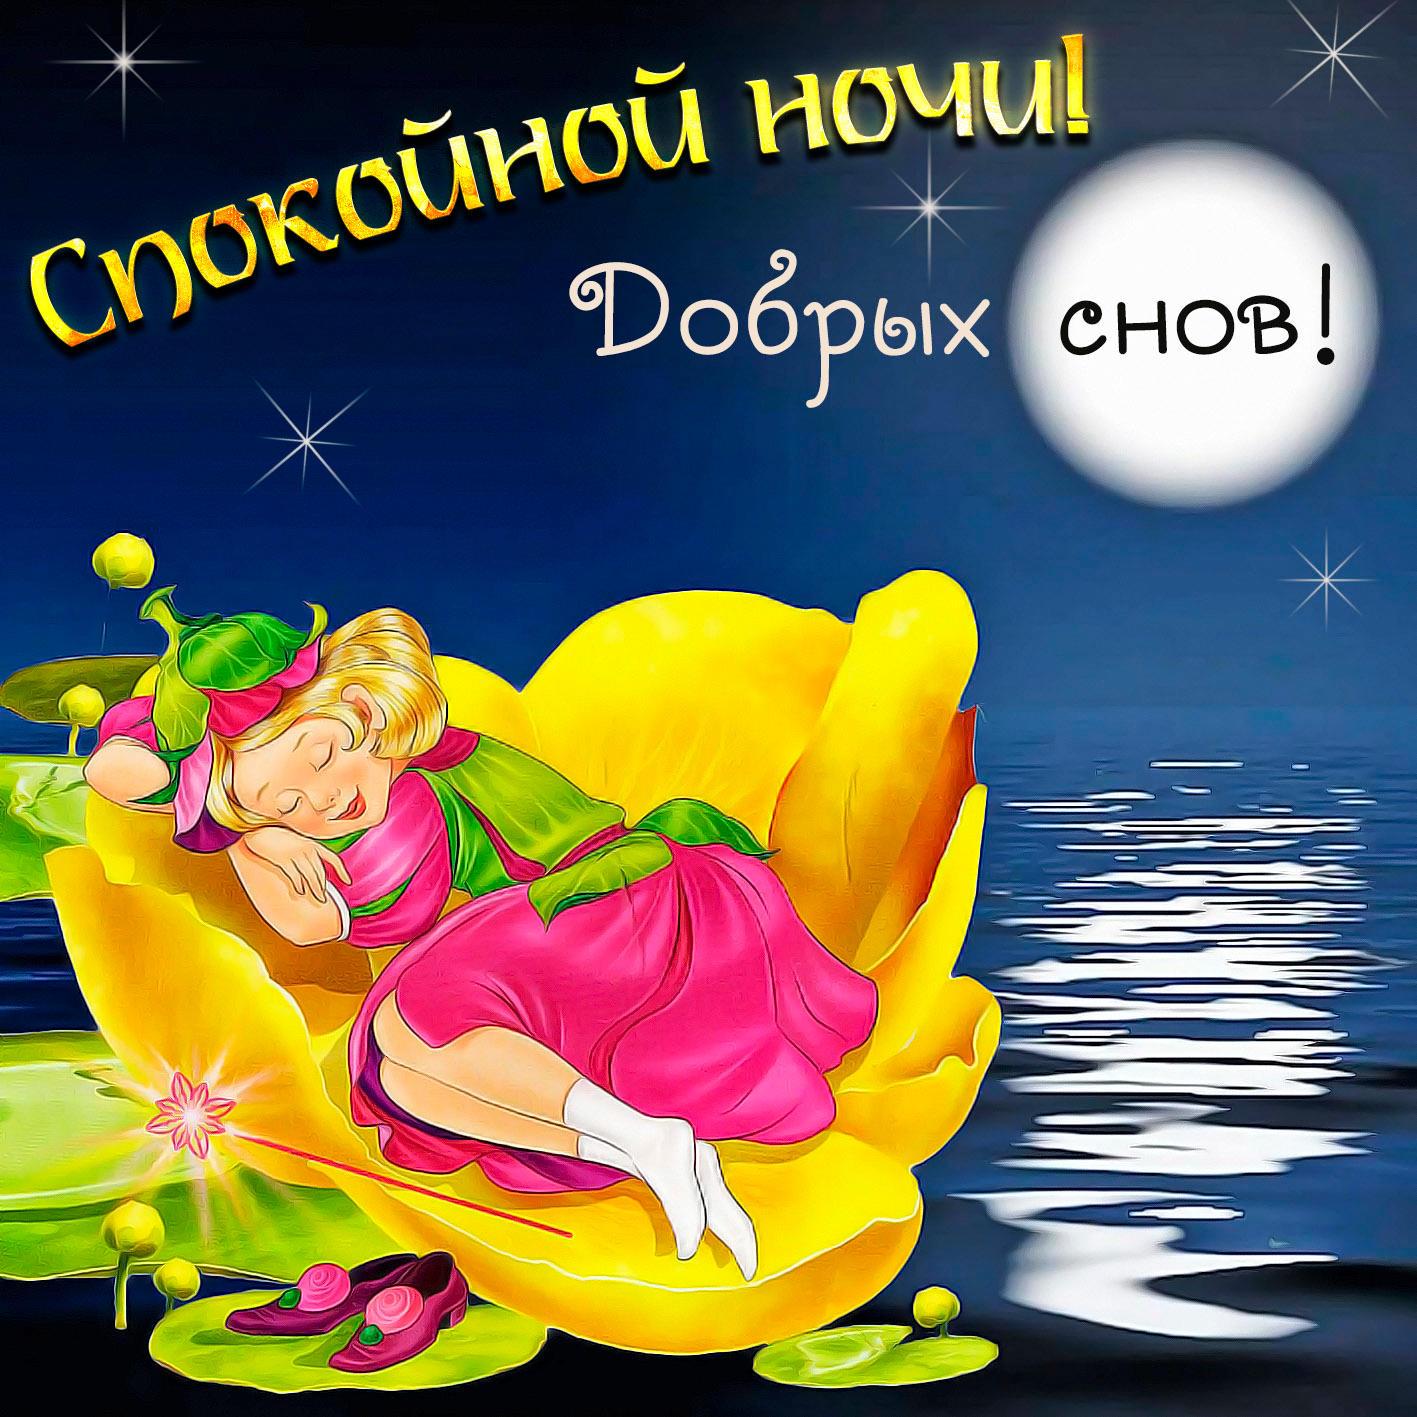 того, русские пожелания хороших сновидений можете